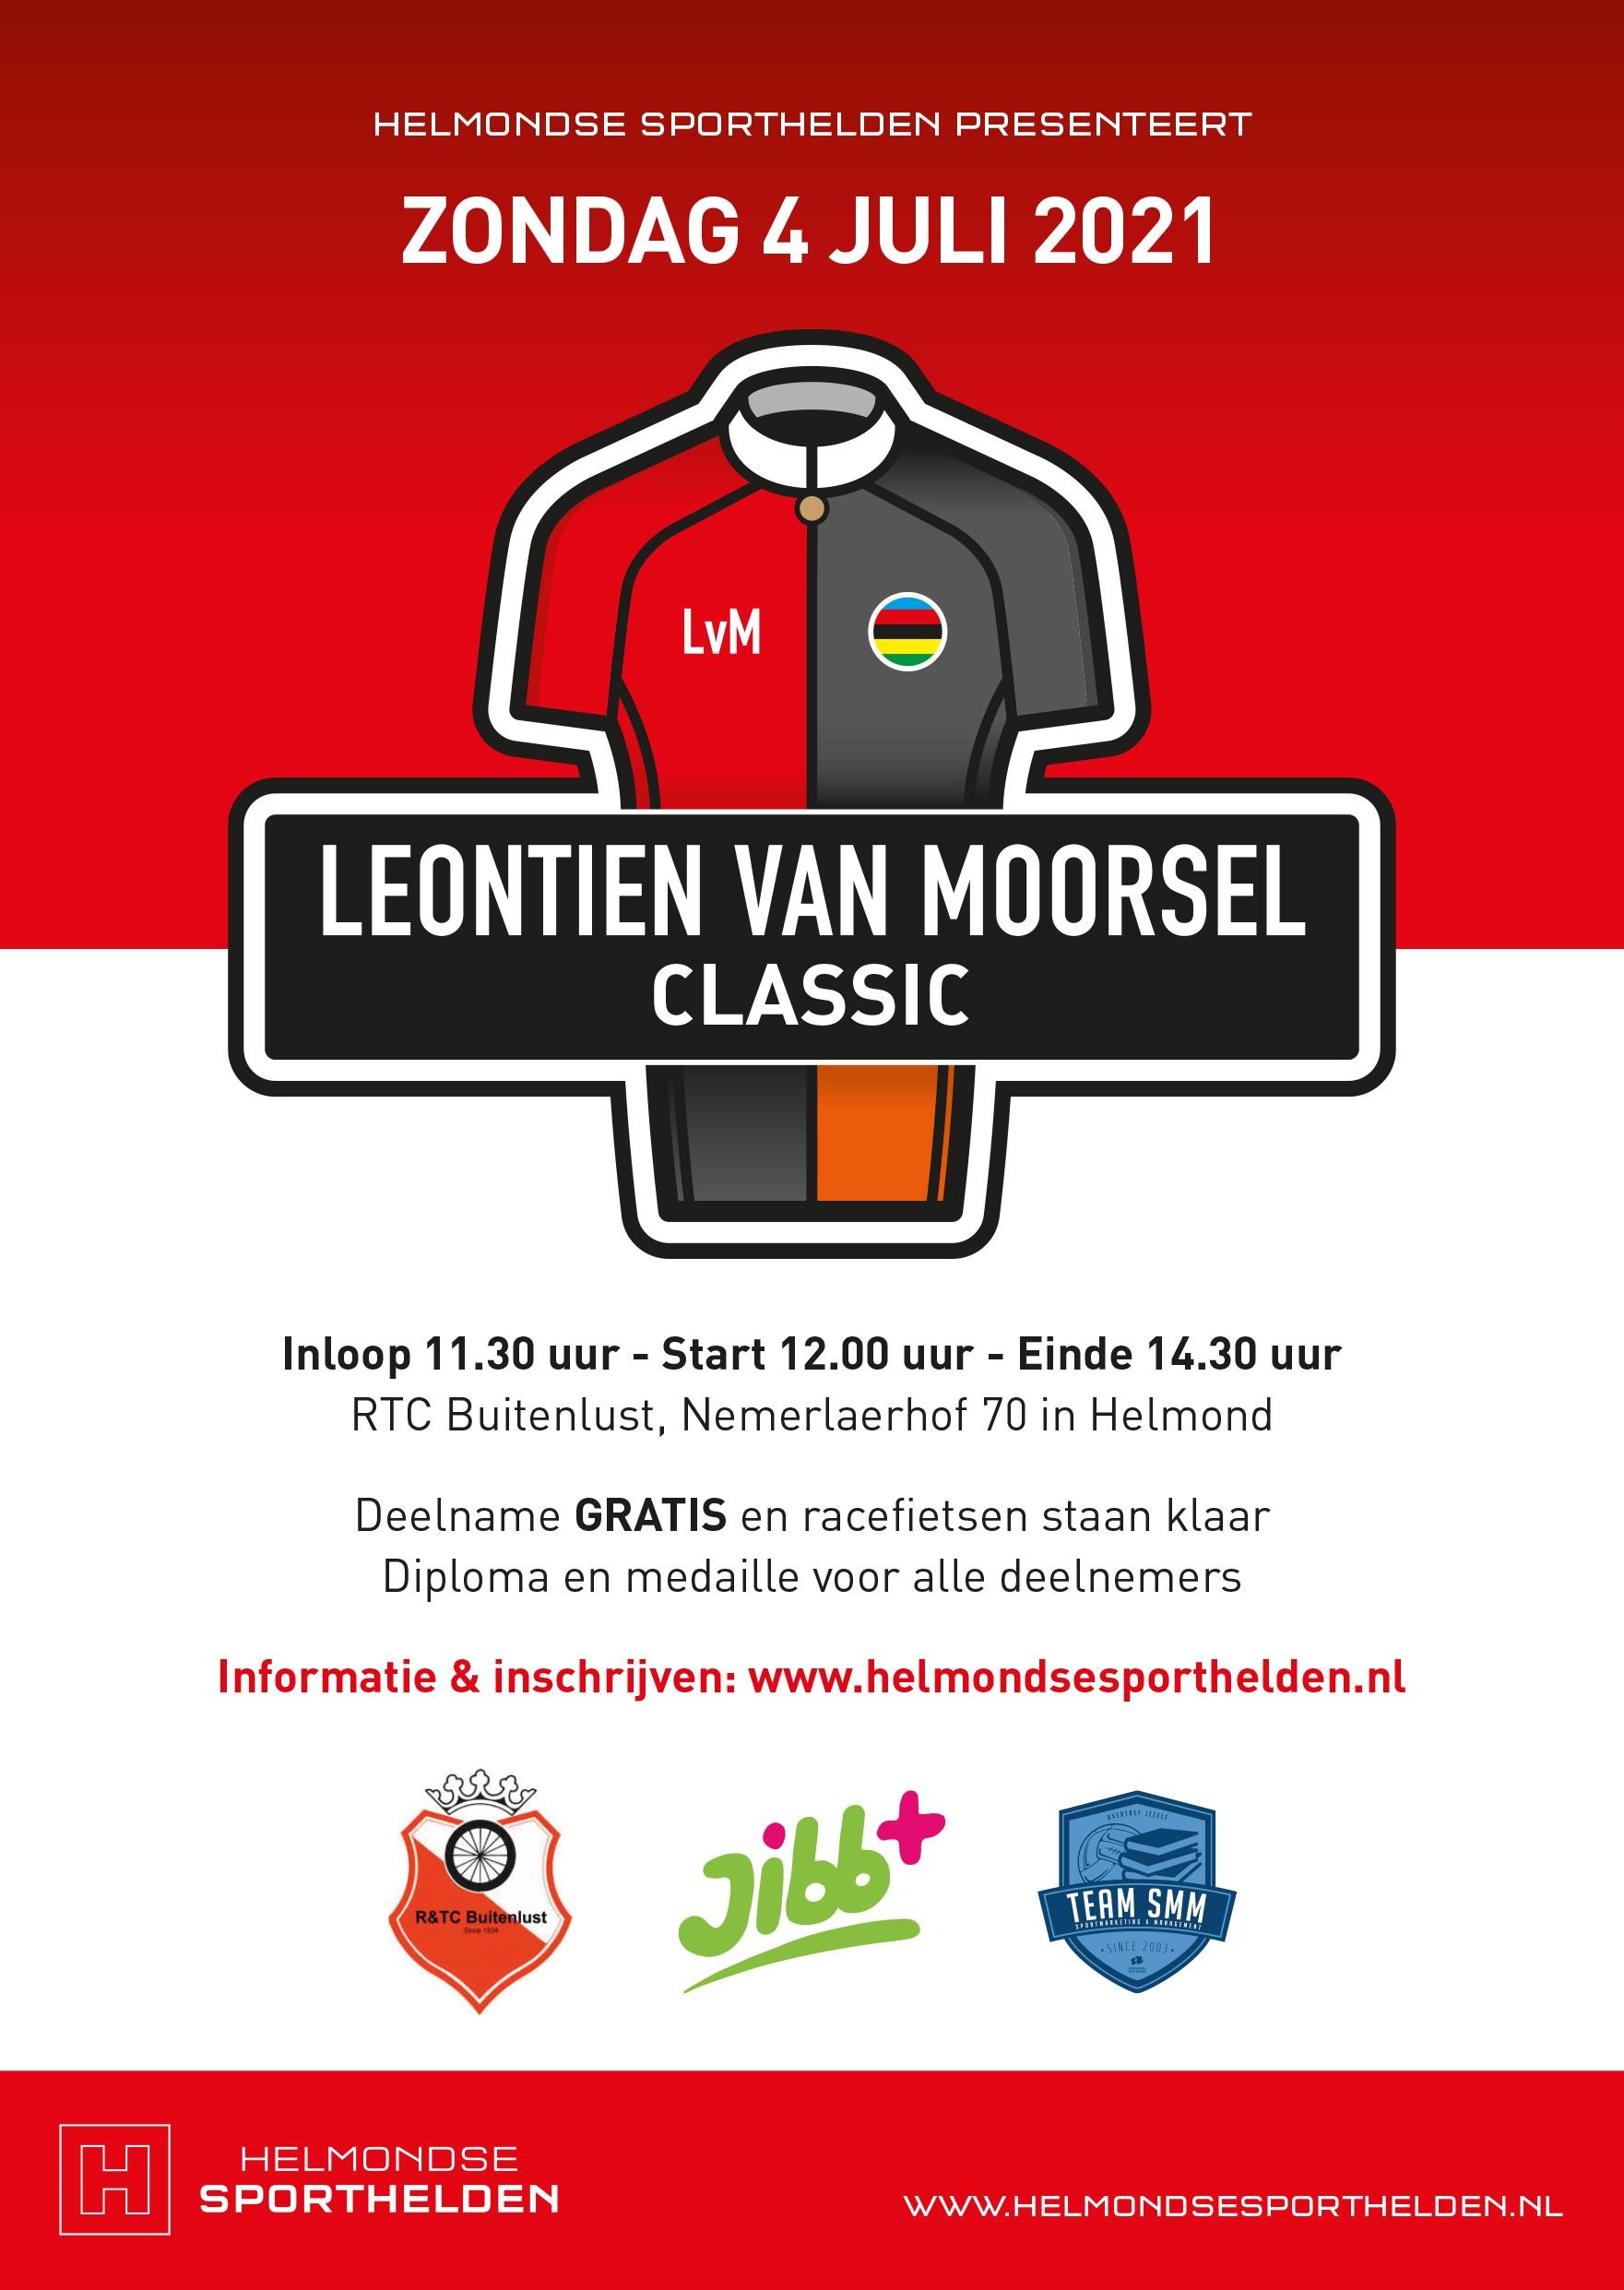 Wielerclinics in aanloop naar Leontien van Moorsel Classic